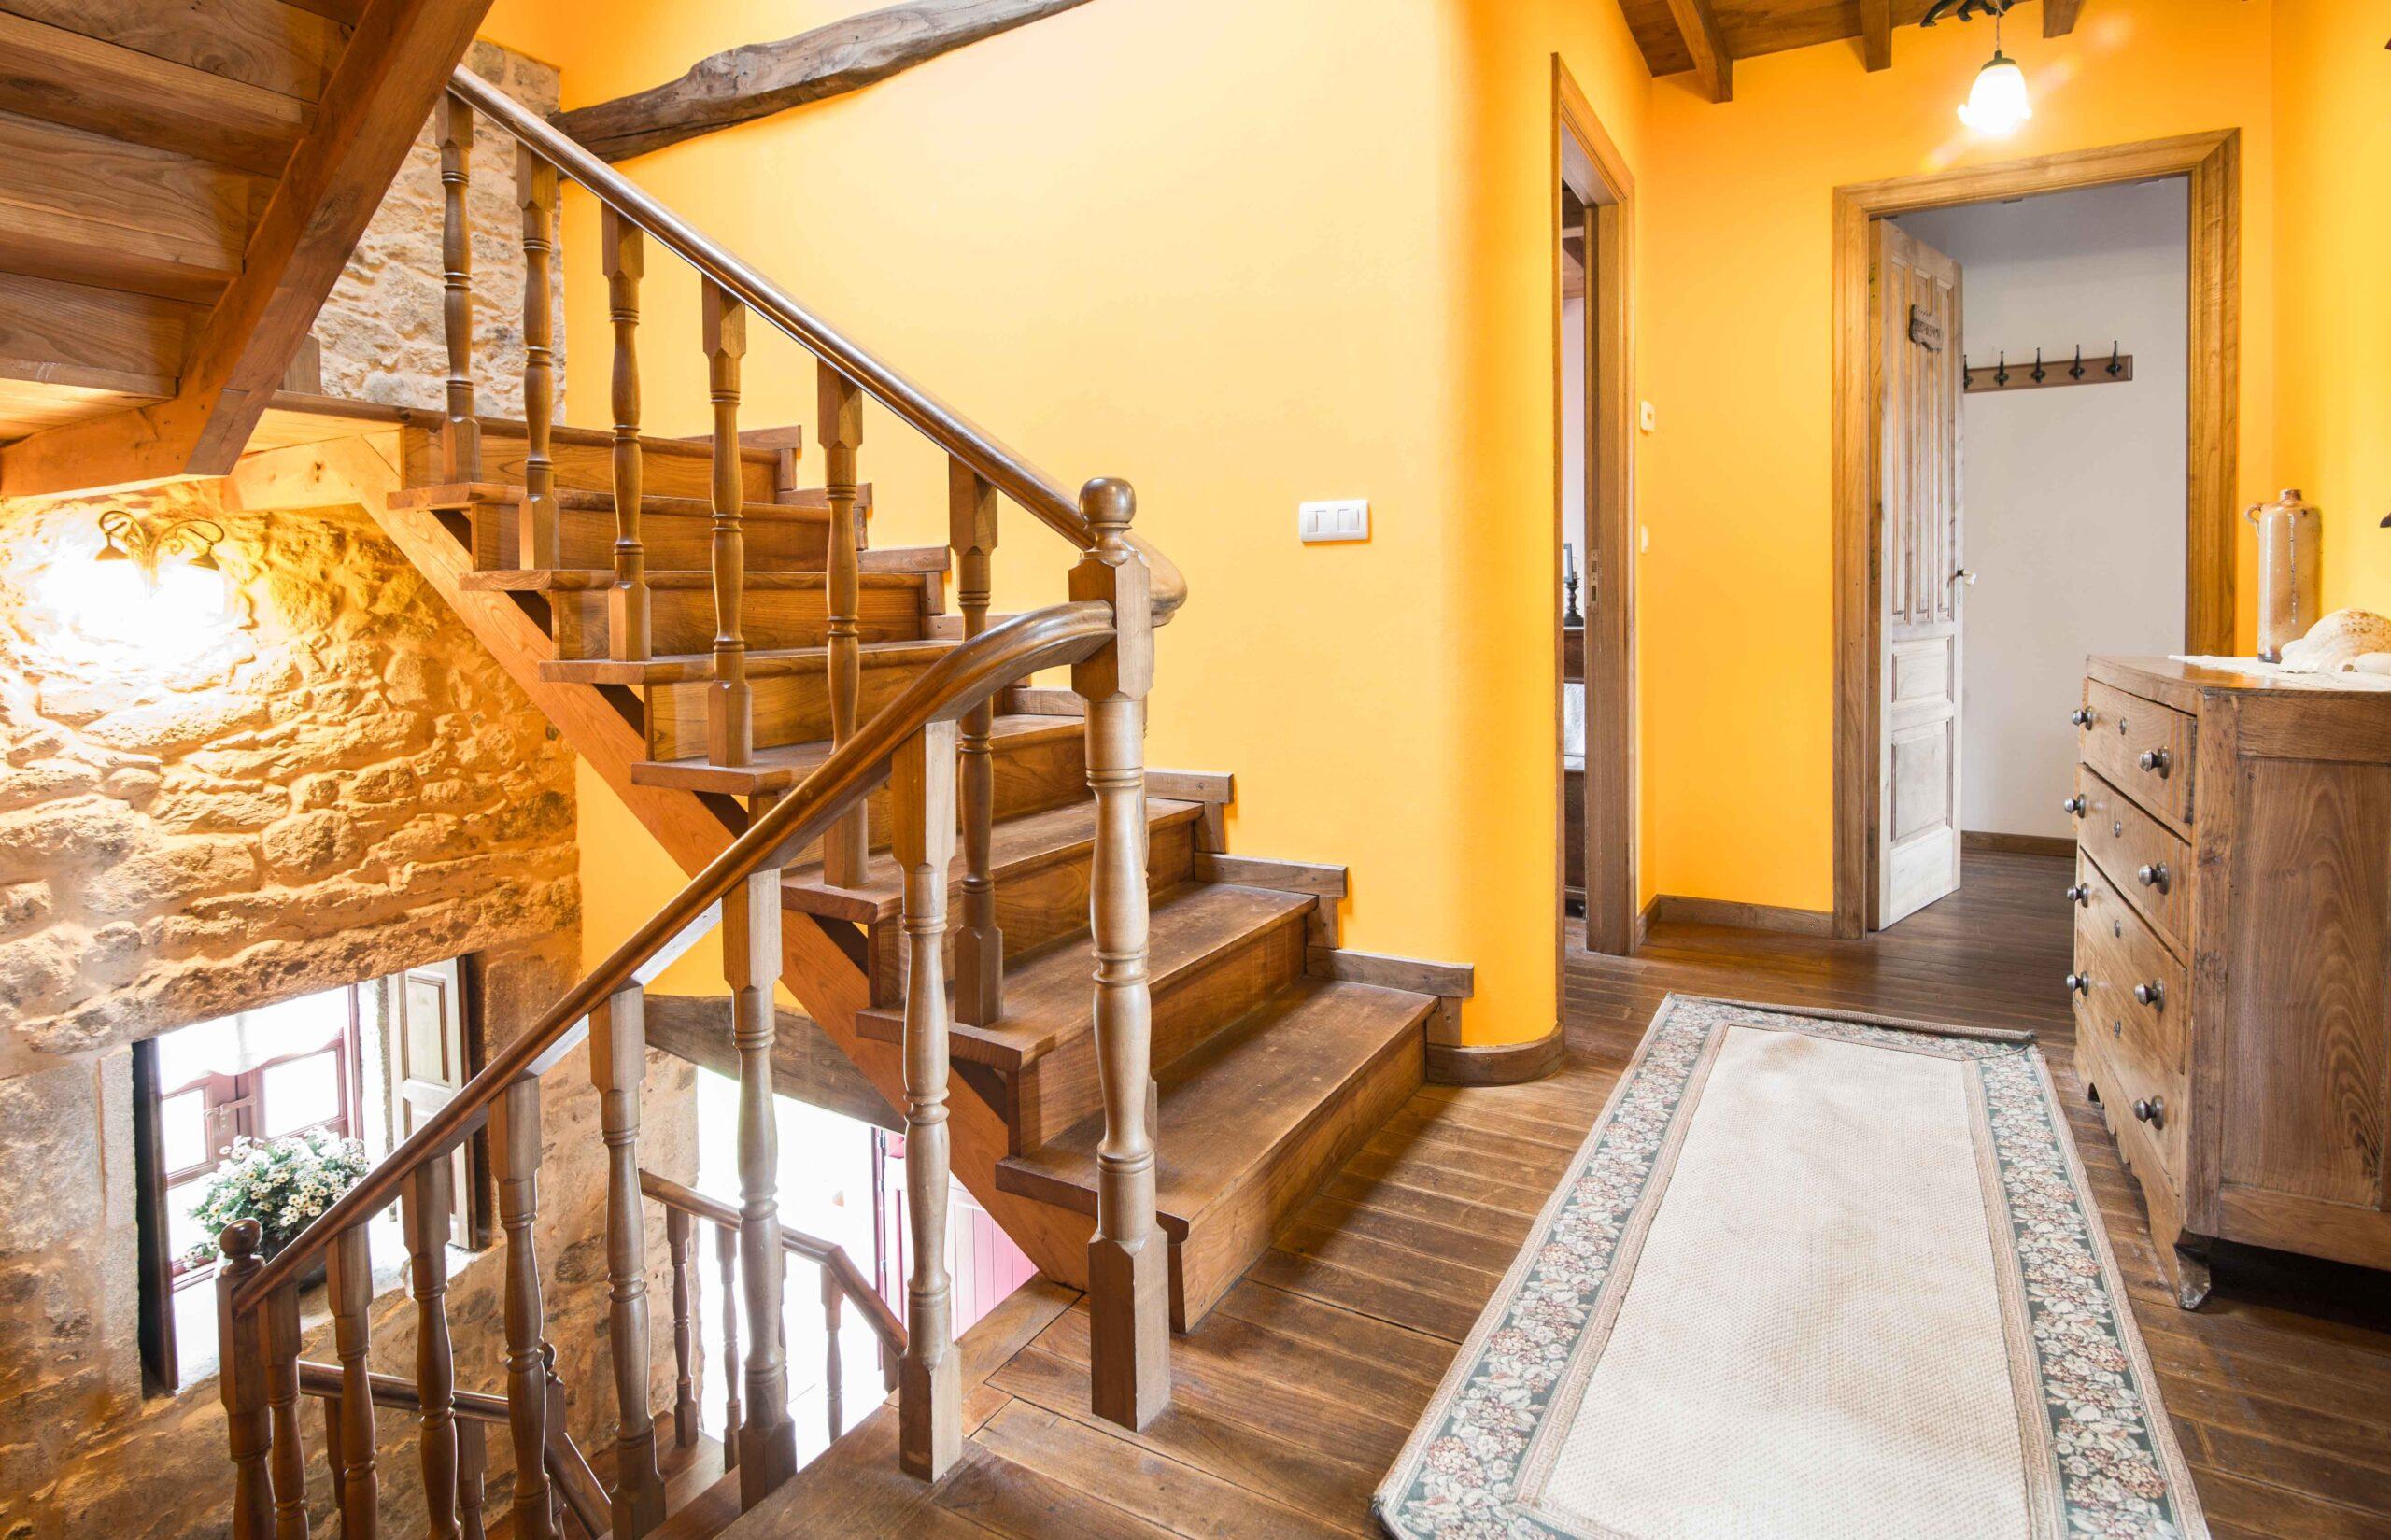 Vista escaleiras  - Casa de Roque (Outes - Galicia)